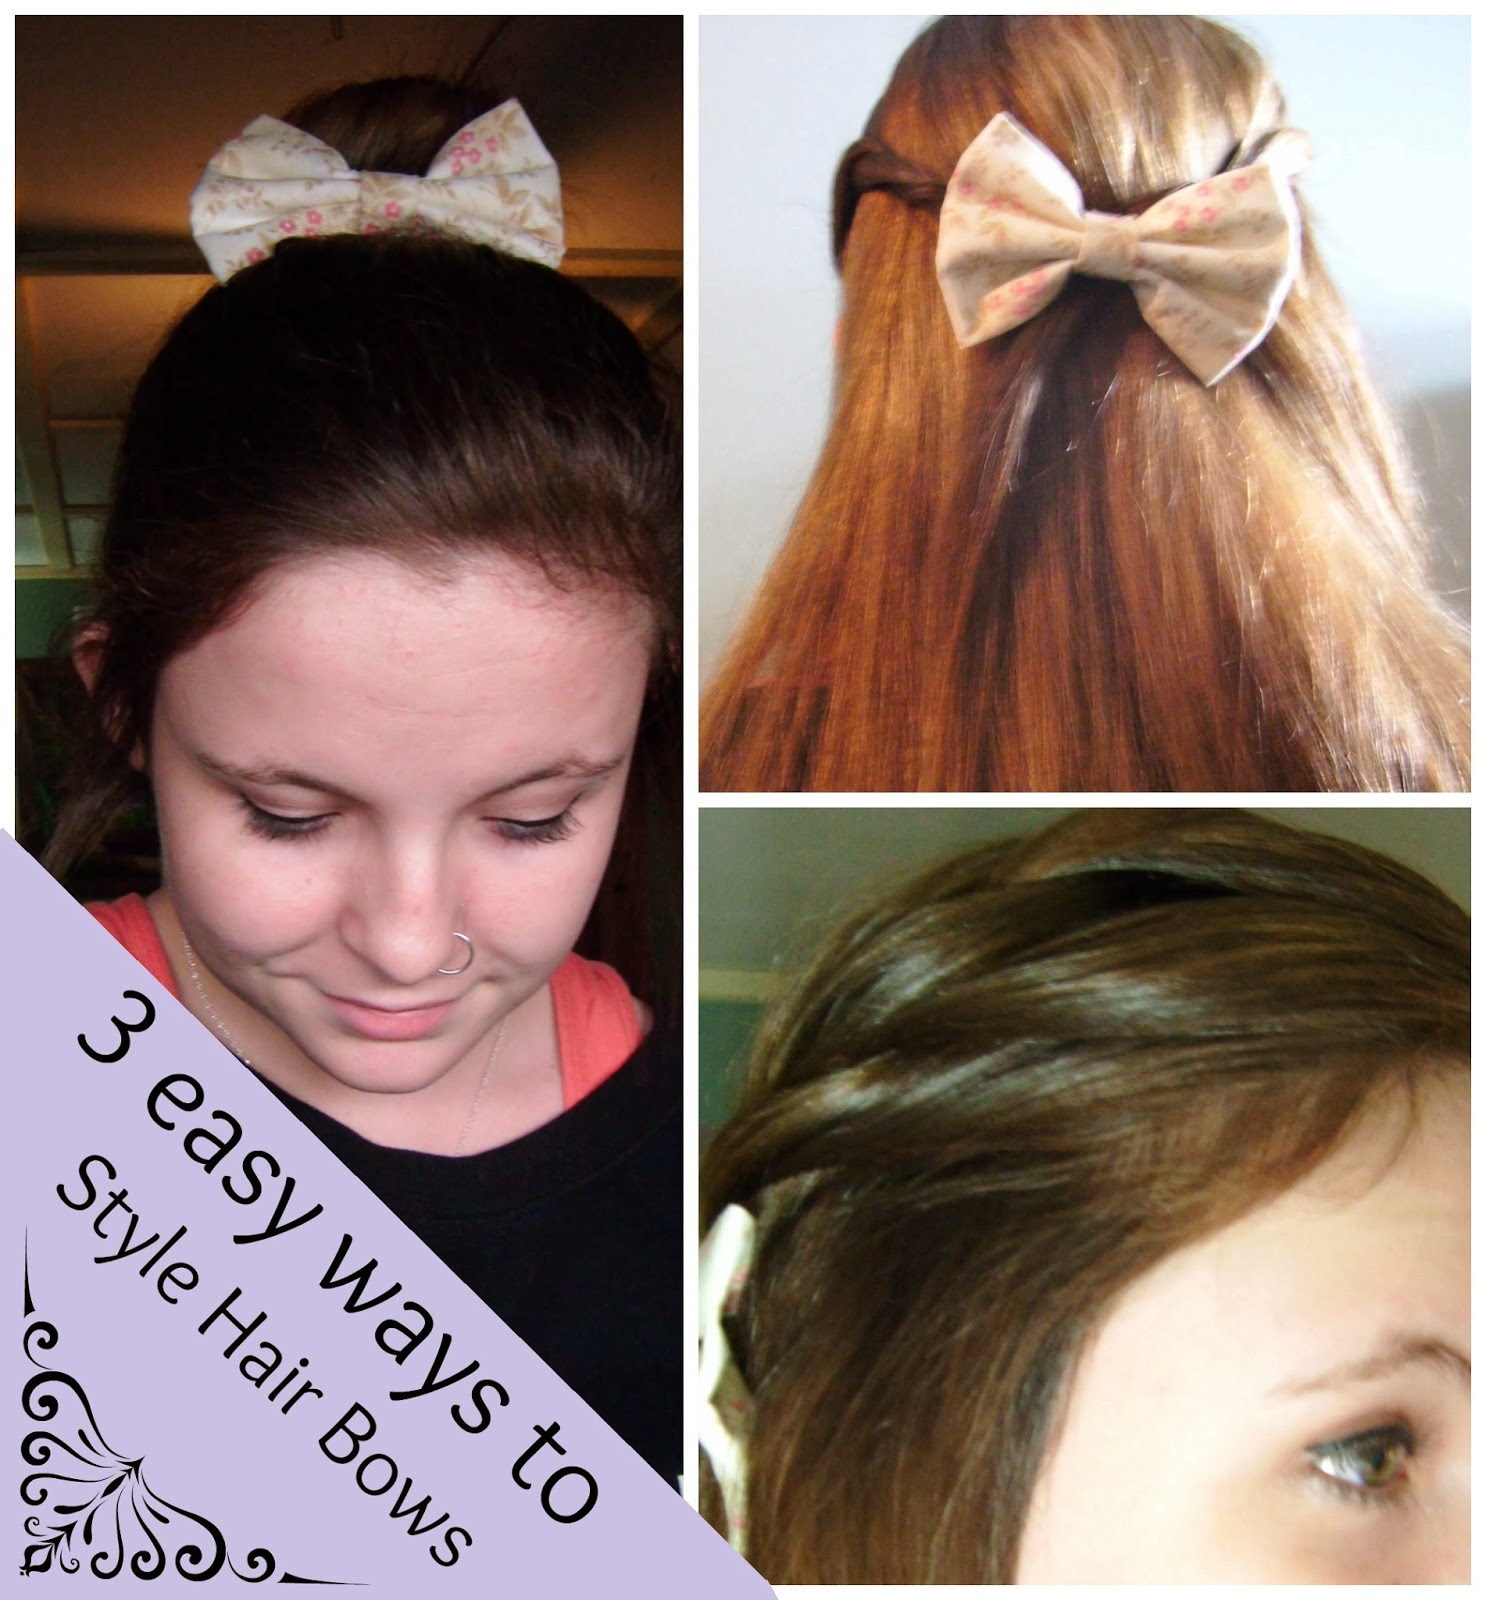 Kennyista: 3 Easy Ways To Style Hair Bows